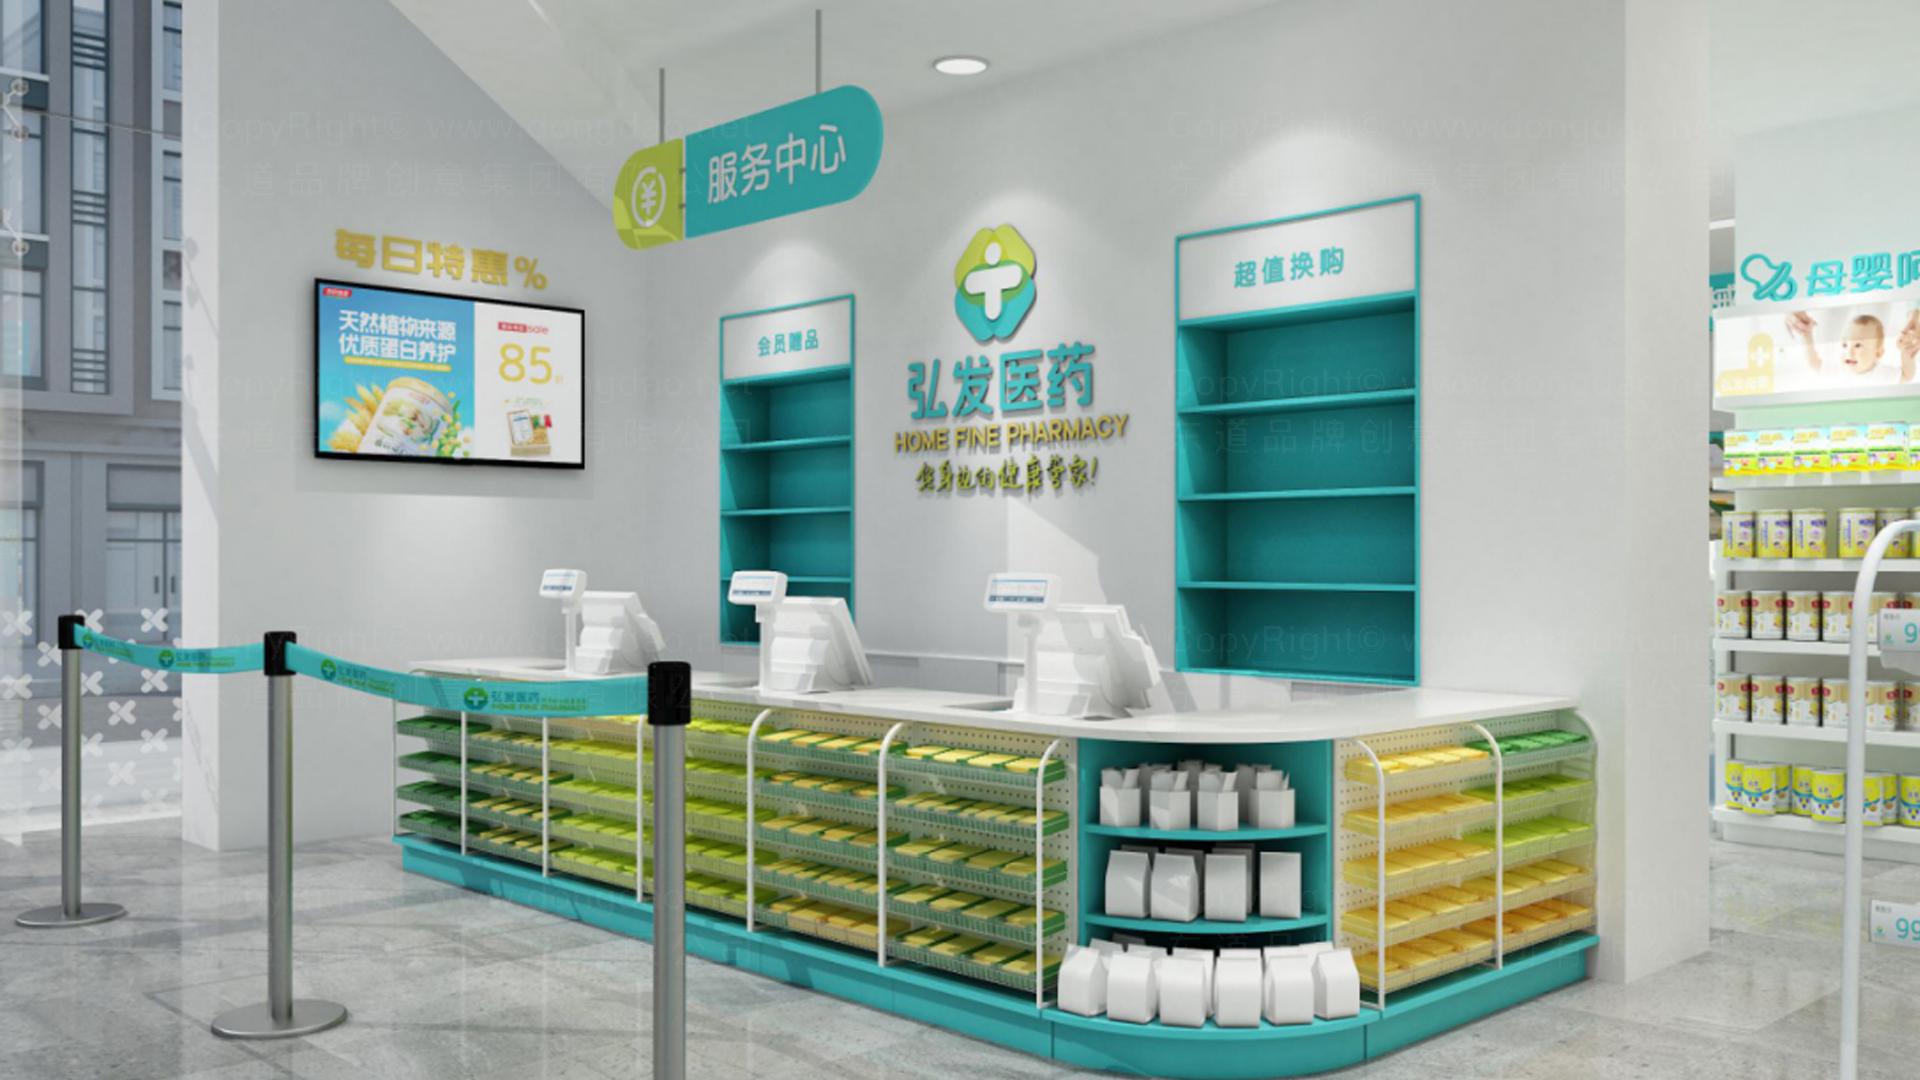 弘发药业药店终端SI设计应用场景_7